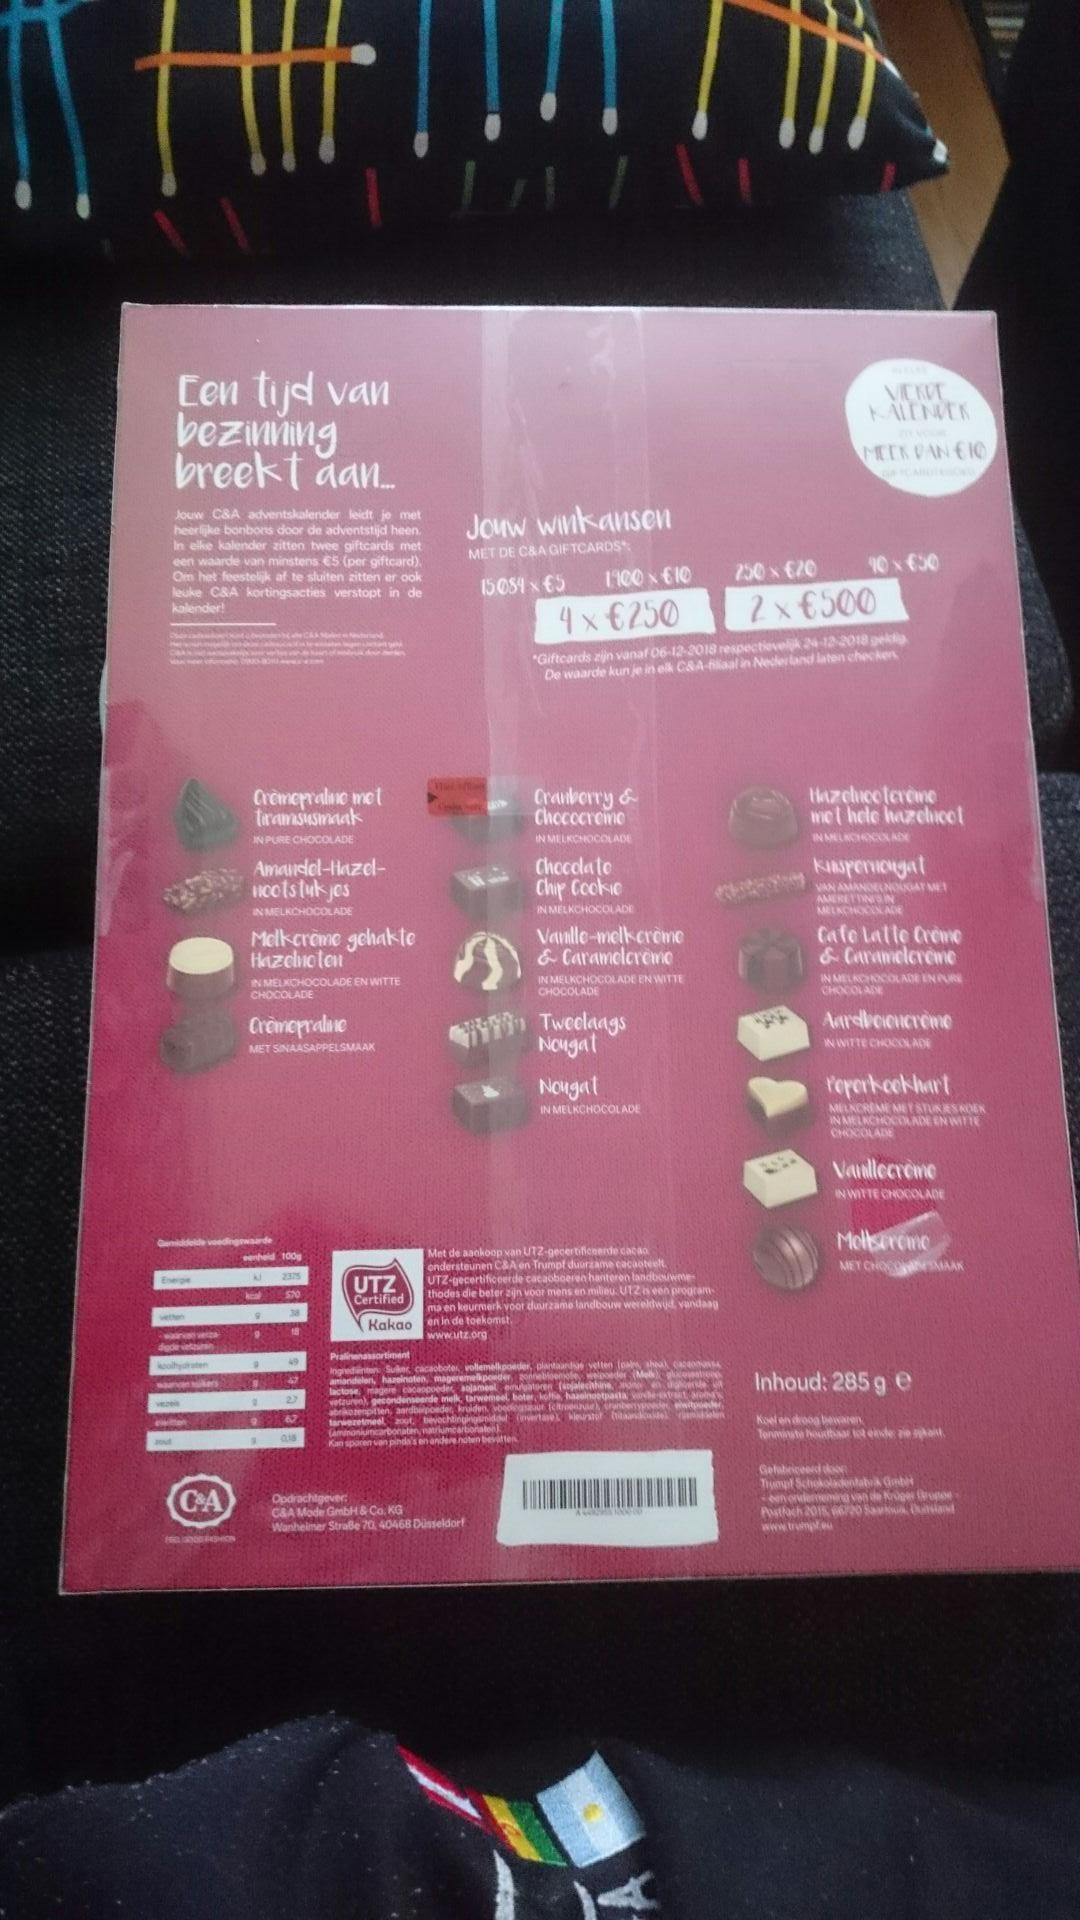 C&A adventkalender €12,50 met minimaal €10 tegoeden